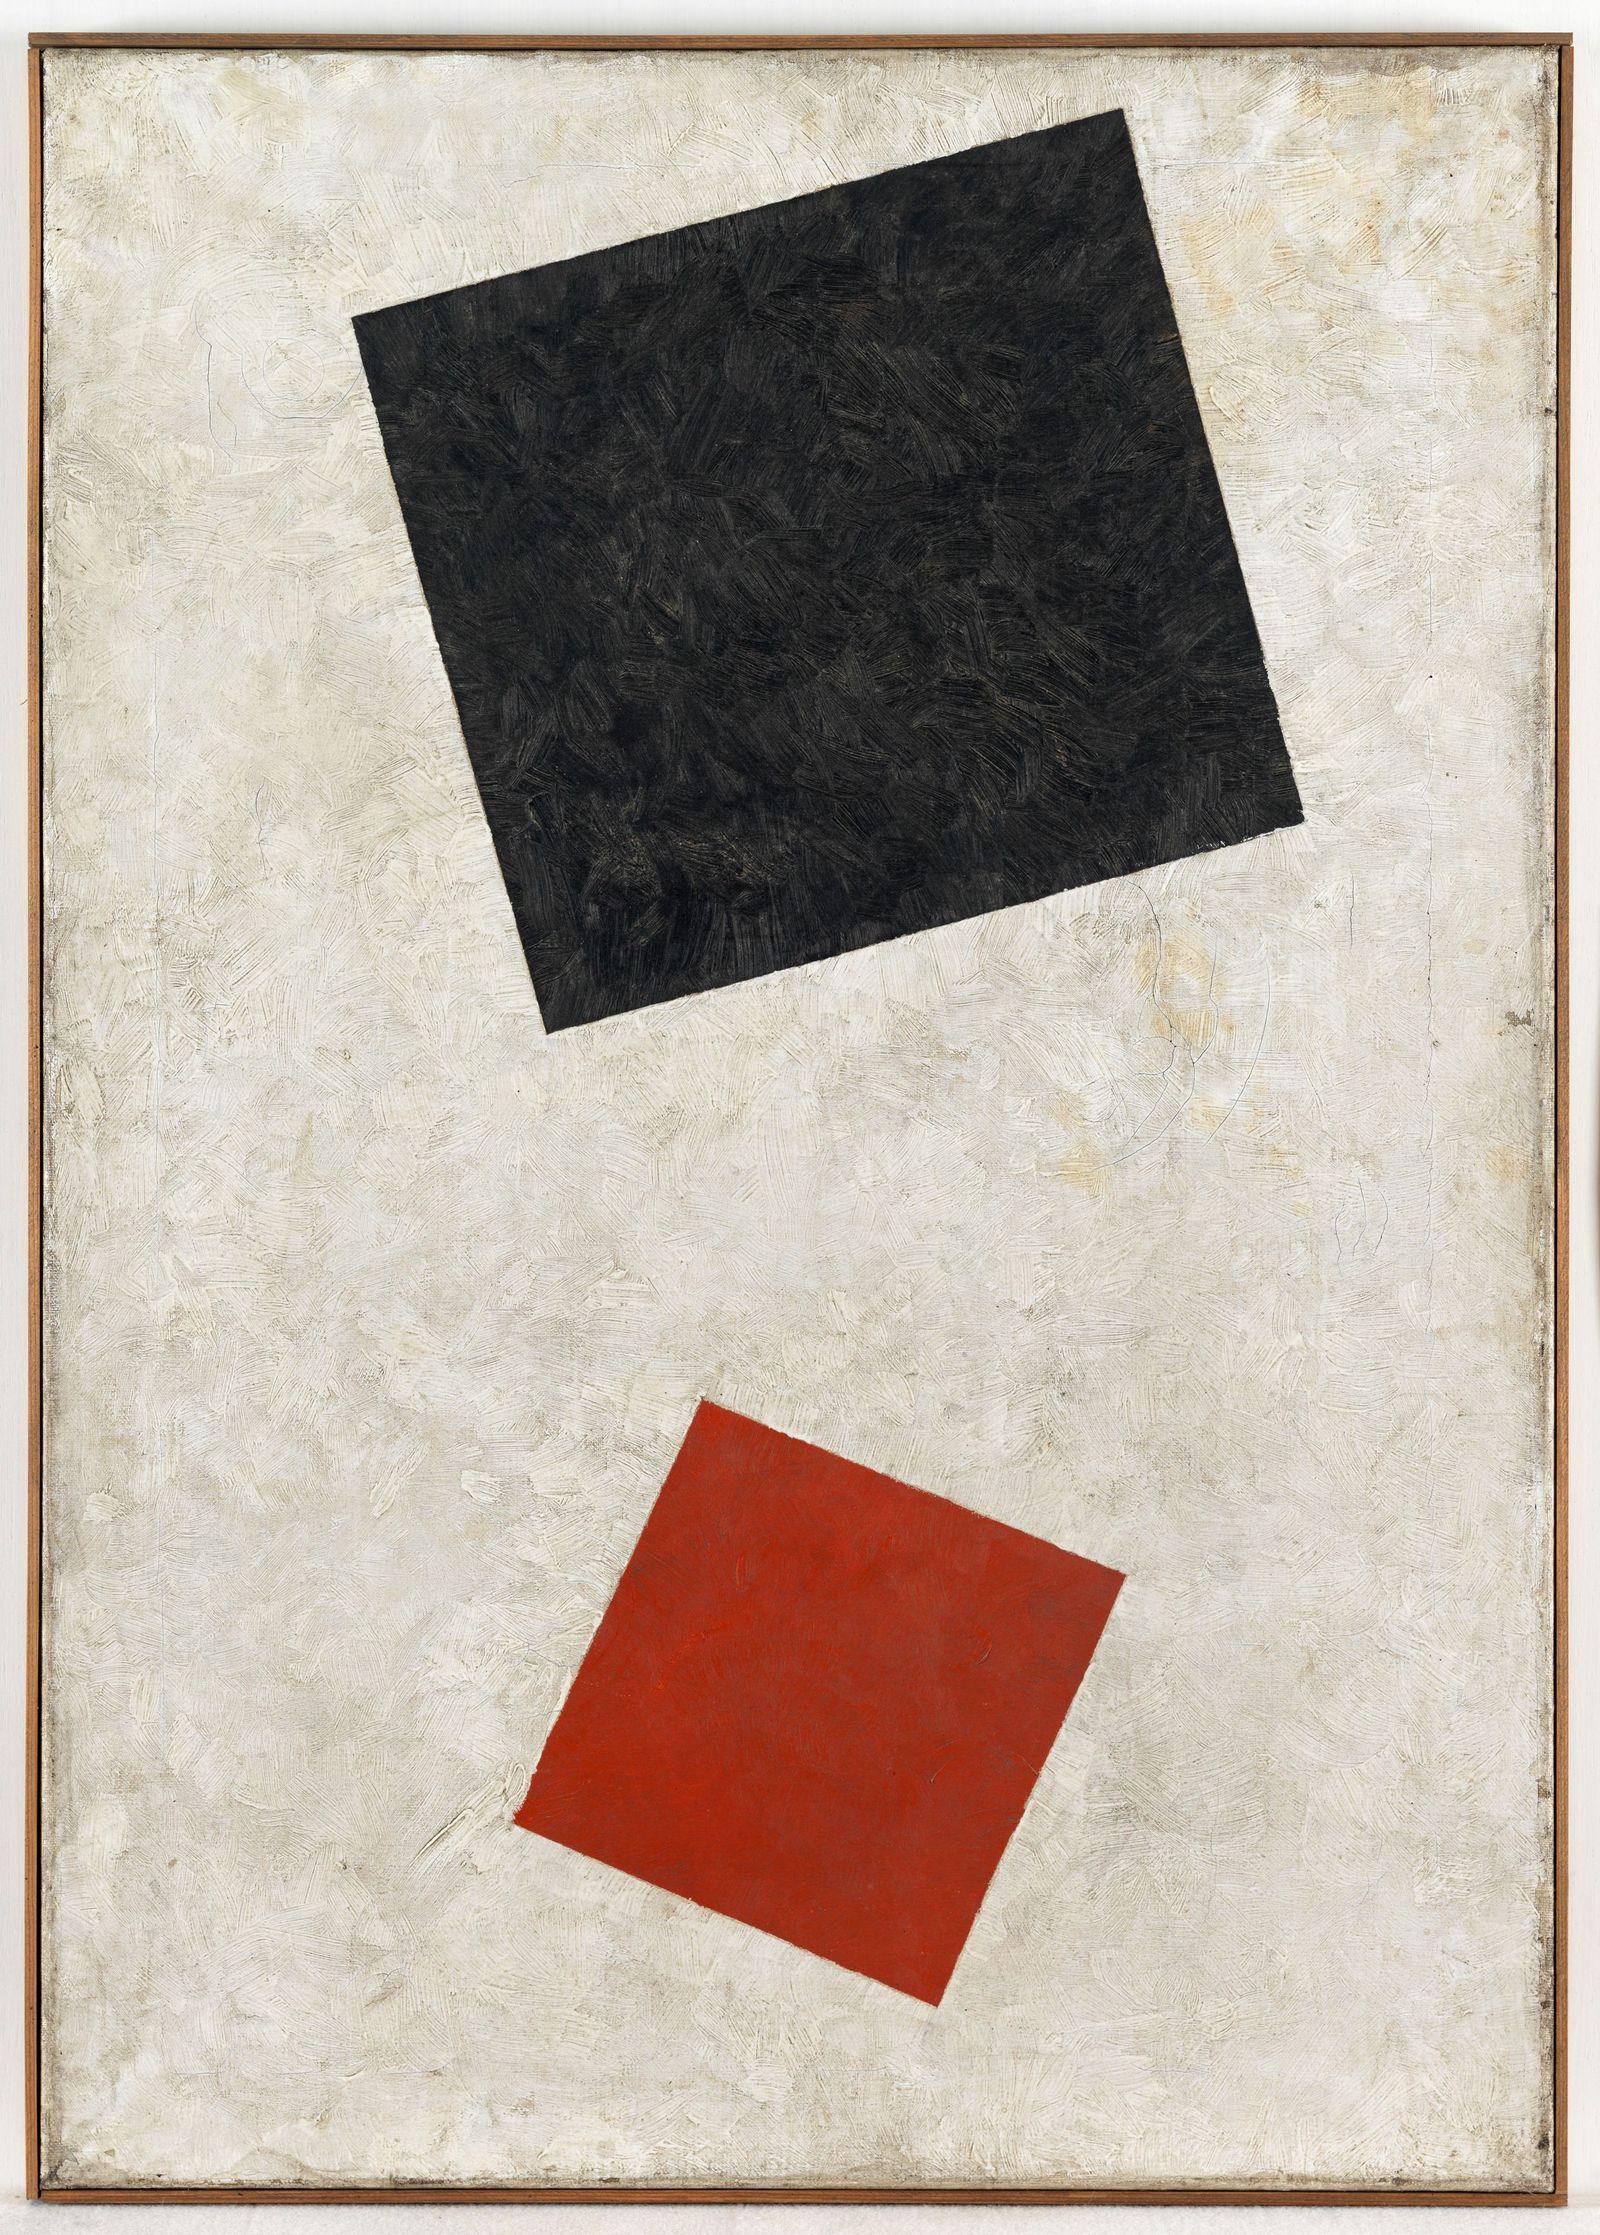 EINMALIGE VERWENDUNG Gemälde/ Fälschung/ Schwarzes Rechteck, rotes Quadrat